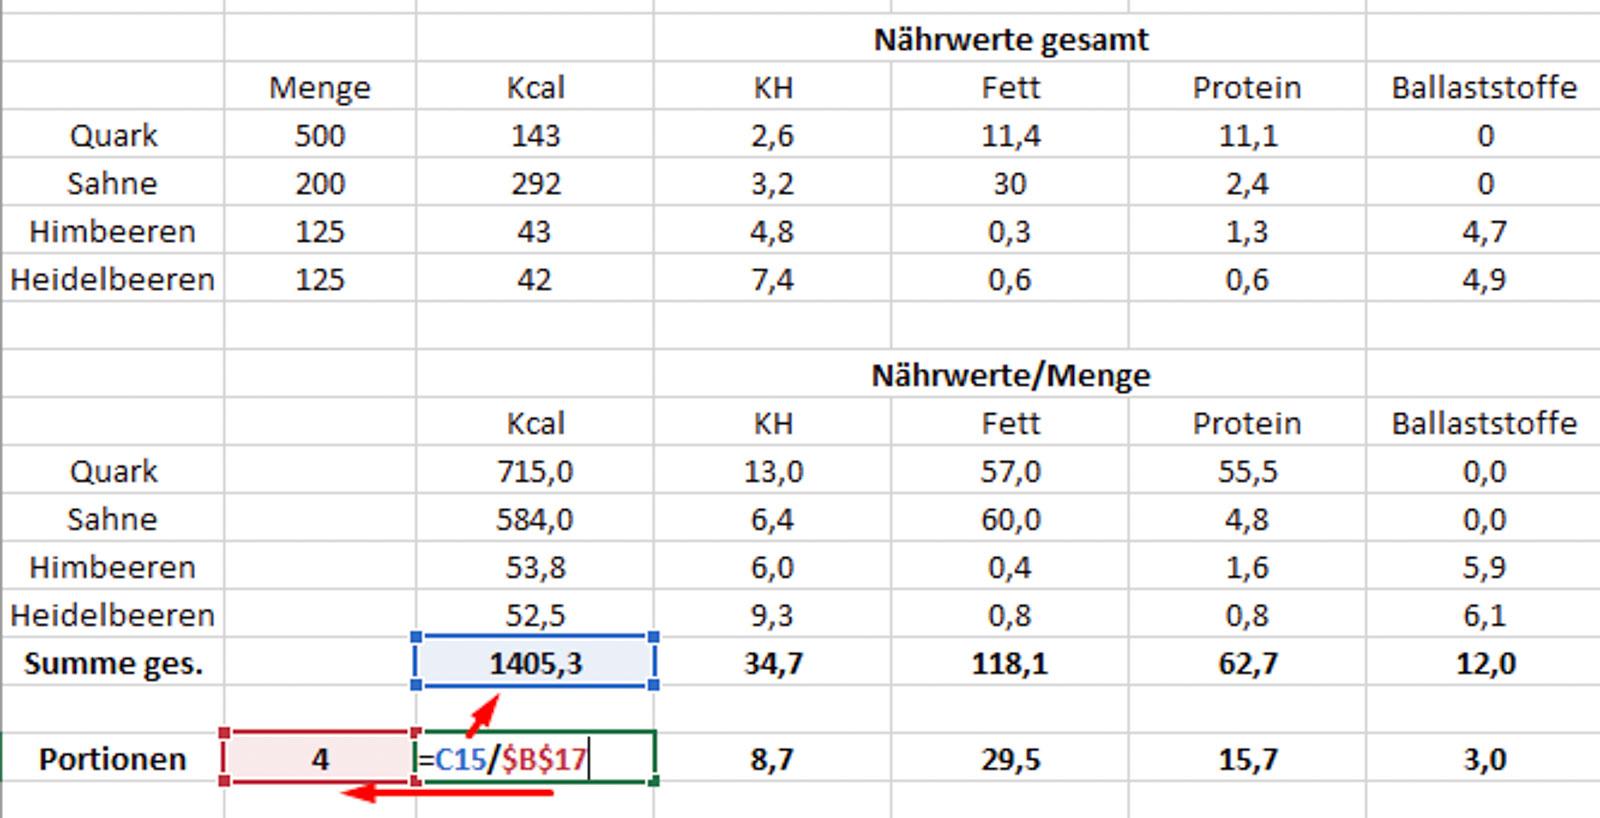 Nährwertberechnung - Mengen